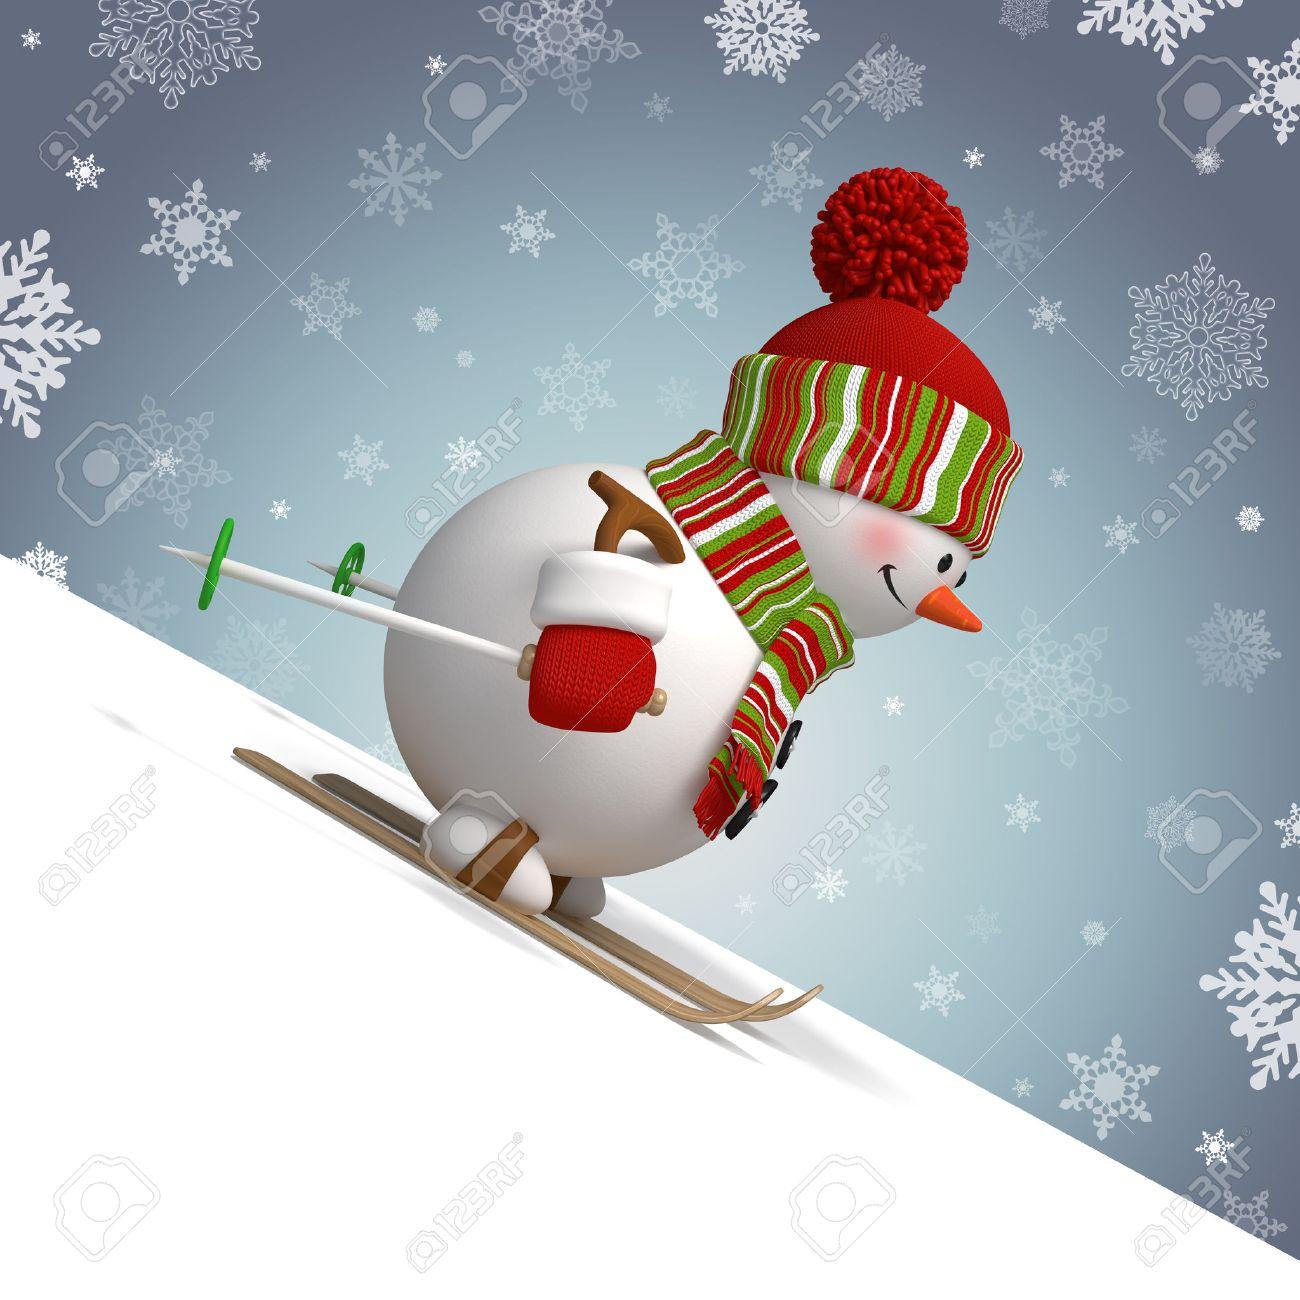 Bonhomme de neige aimant skier